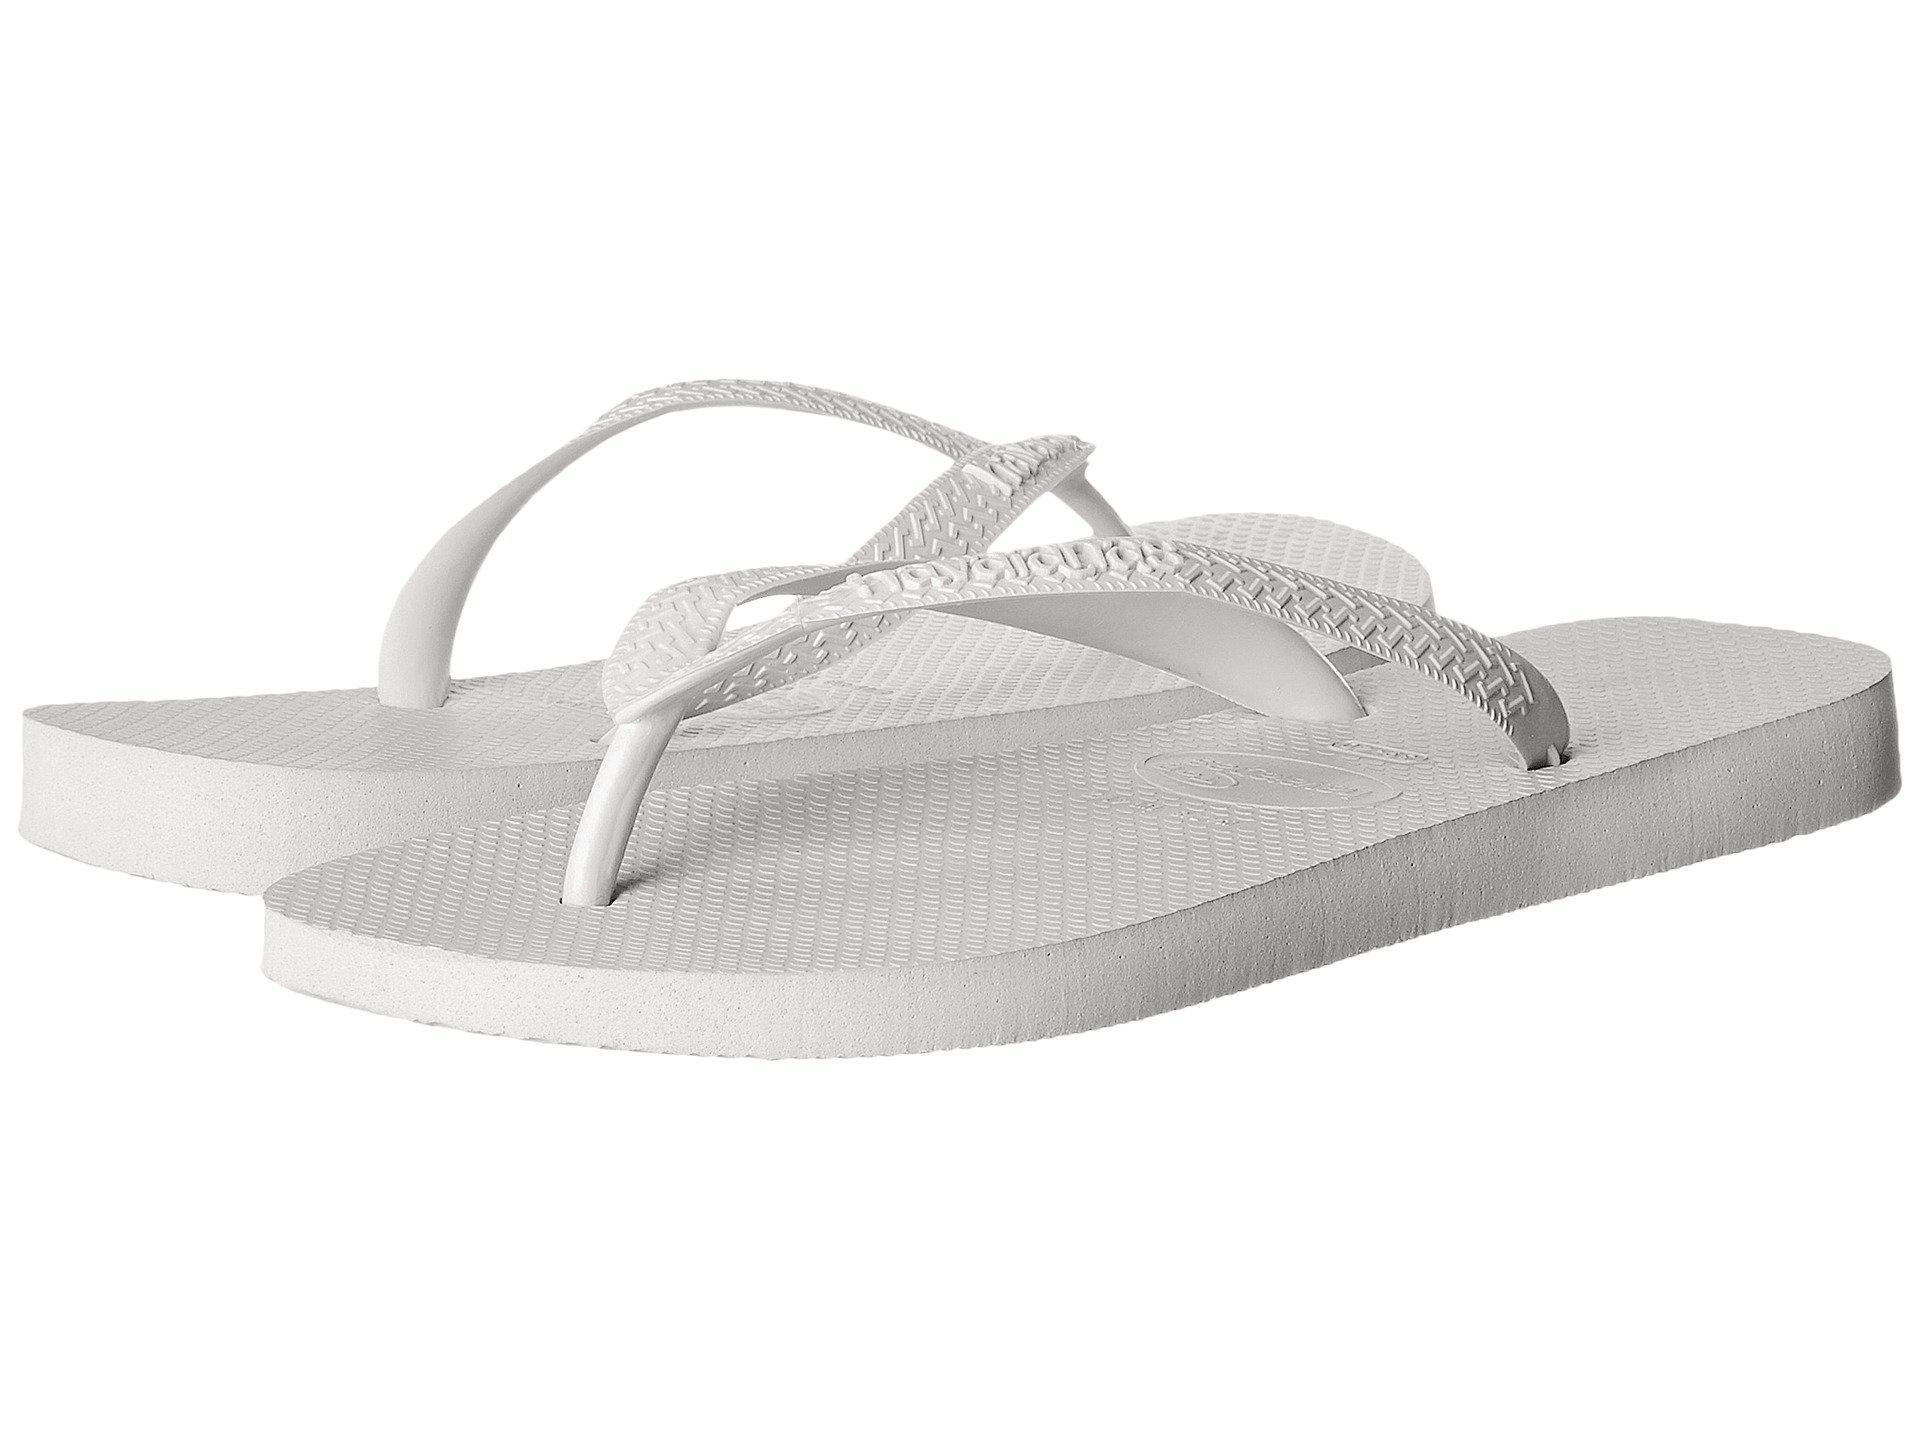 6f839f48f9dc53 Lyst - Havaianas Top Flip Flops (marine Blue) Men s Sandals in White ...